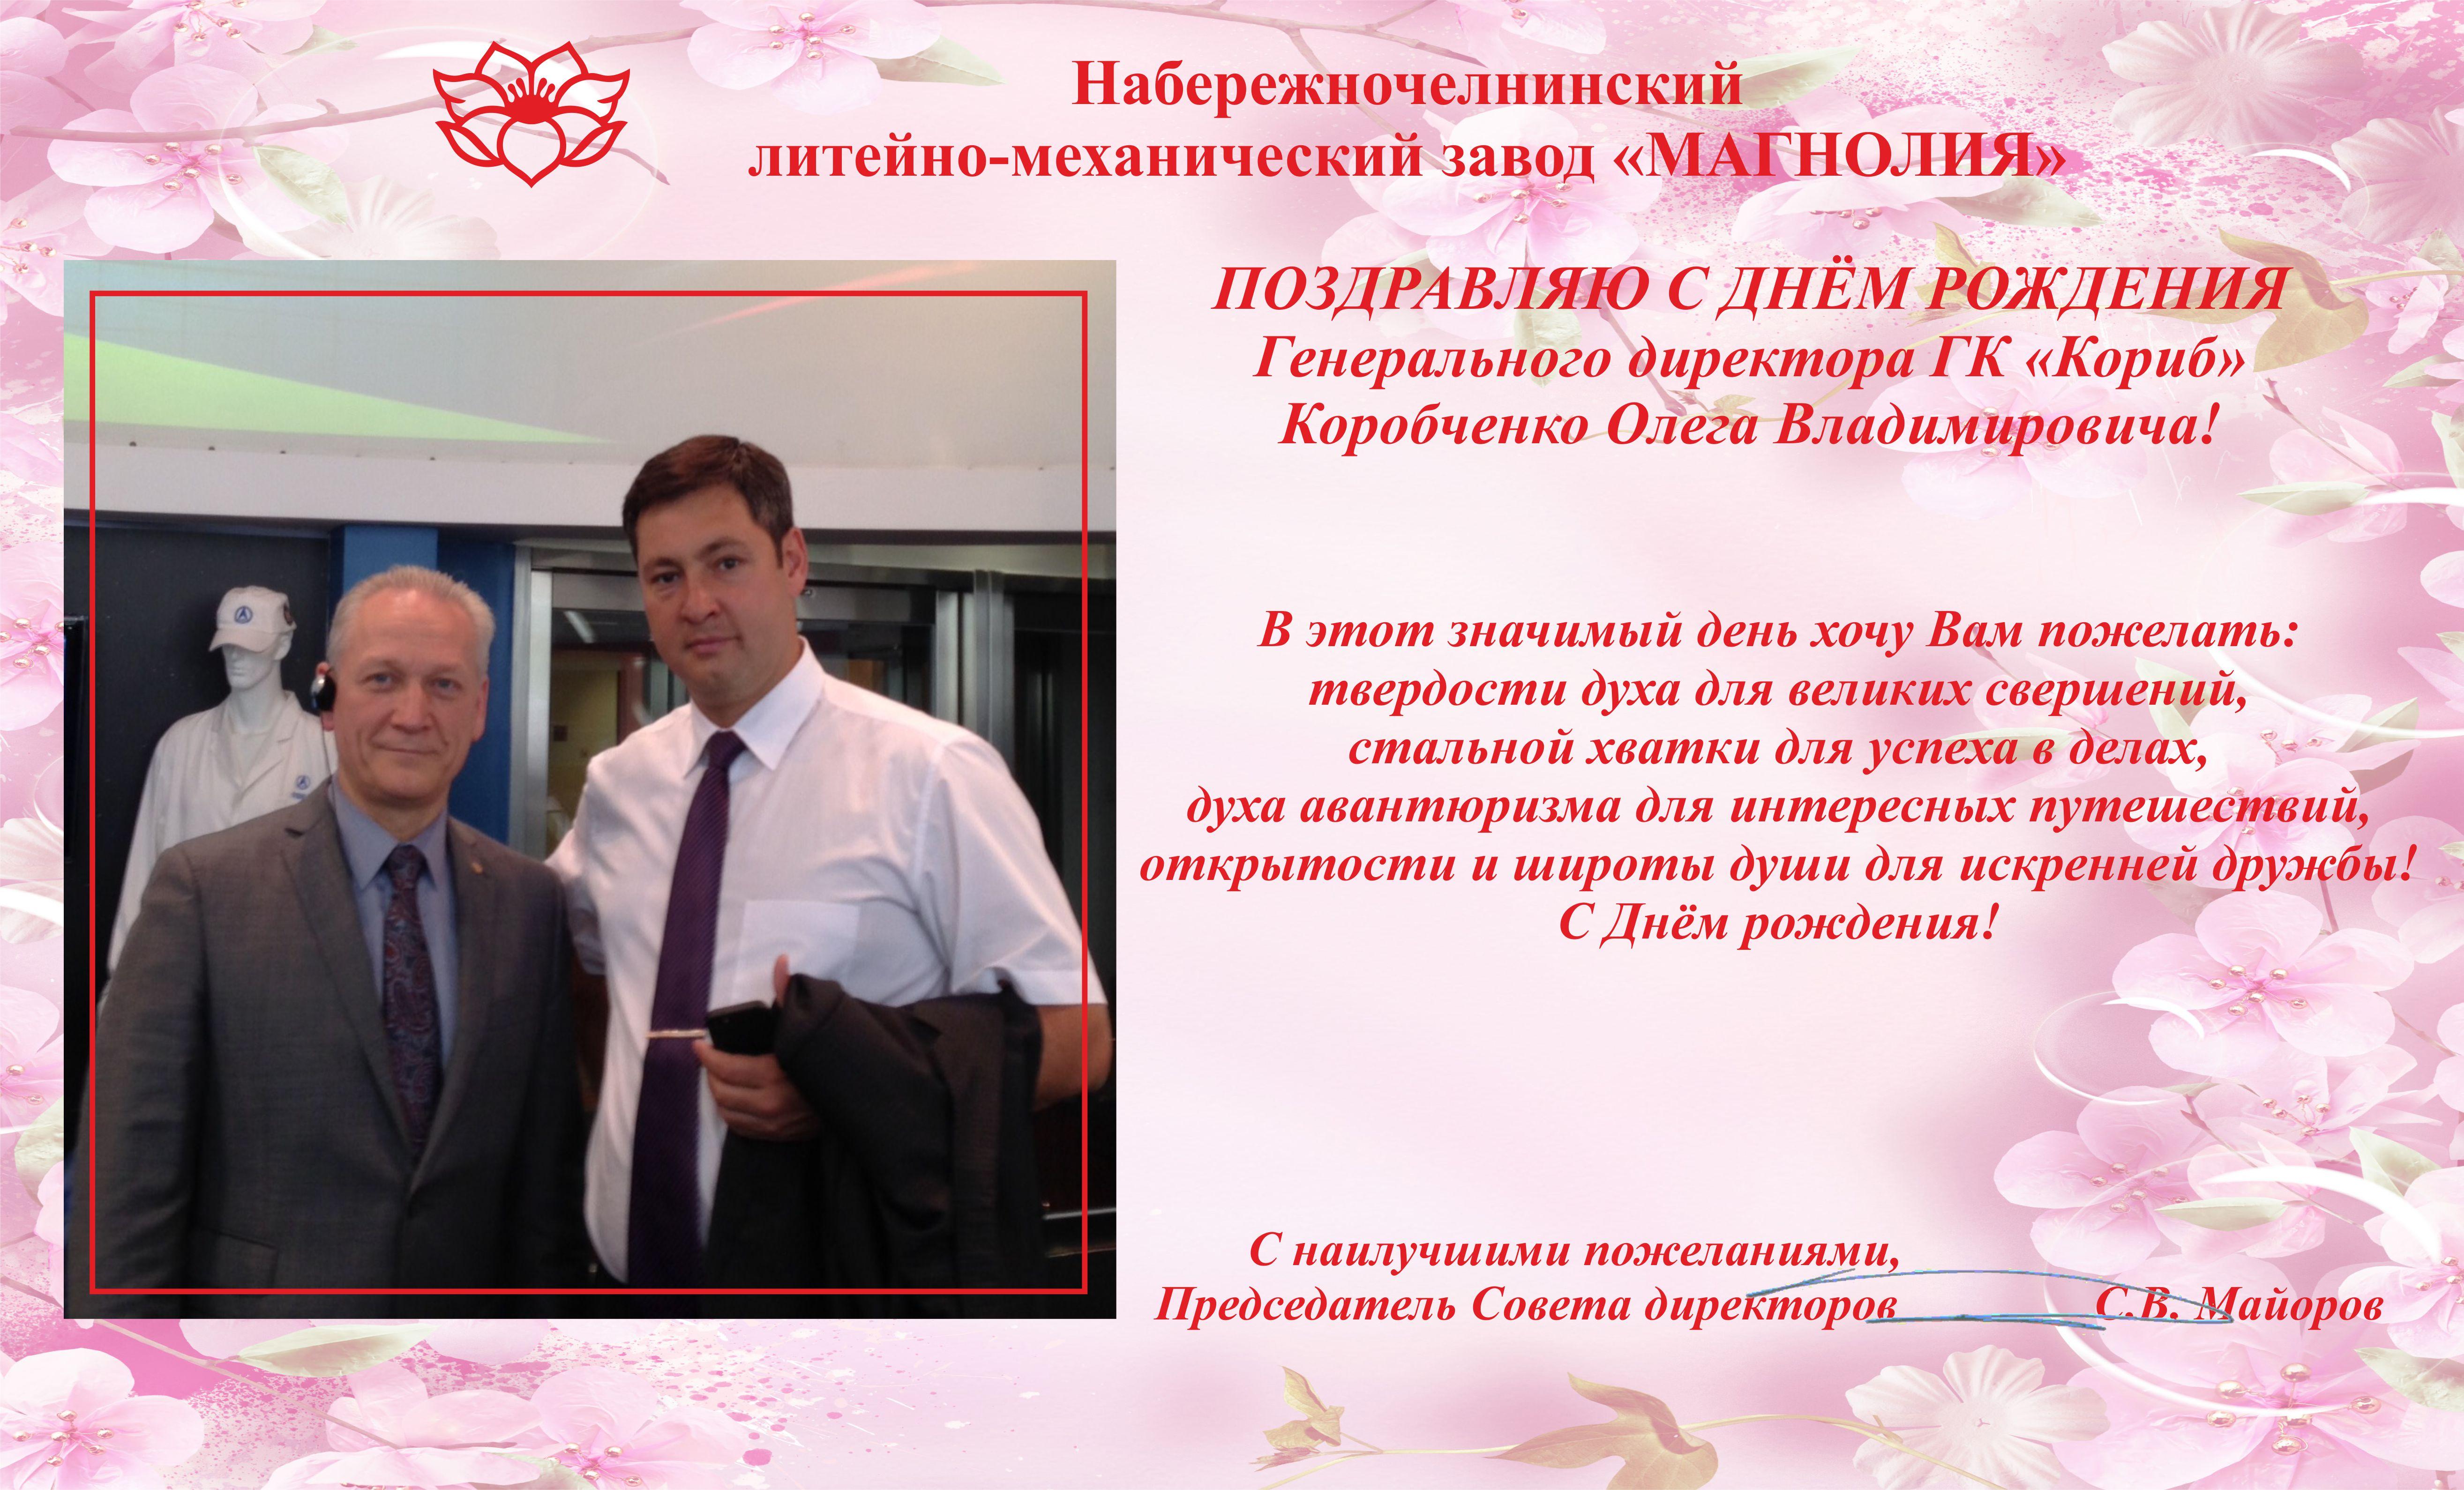 Поздравления генерального директора с днём рождения 92